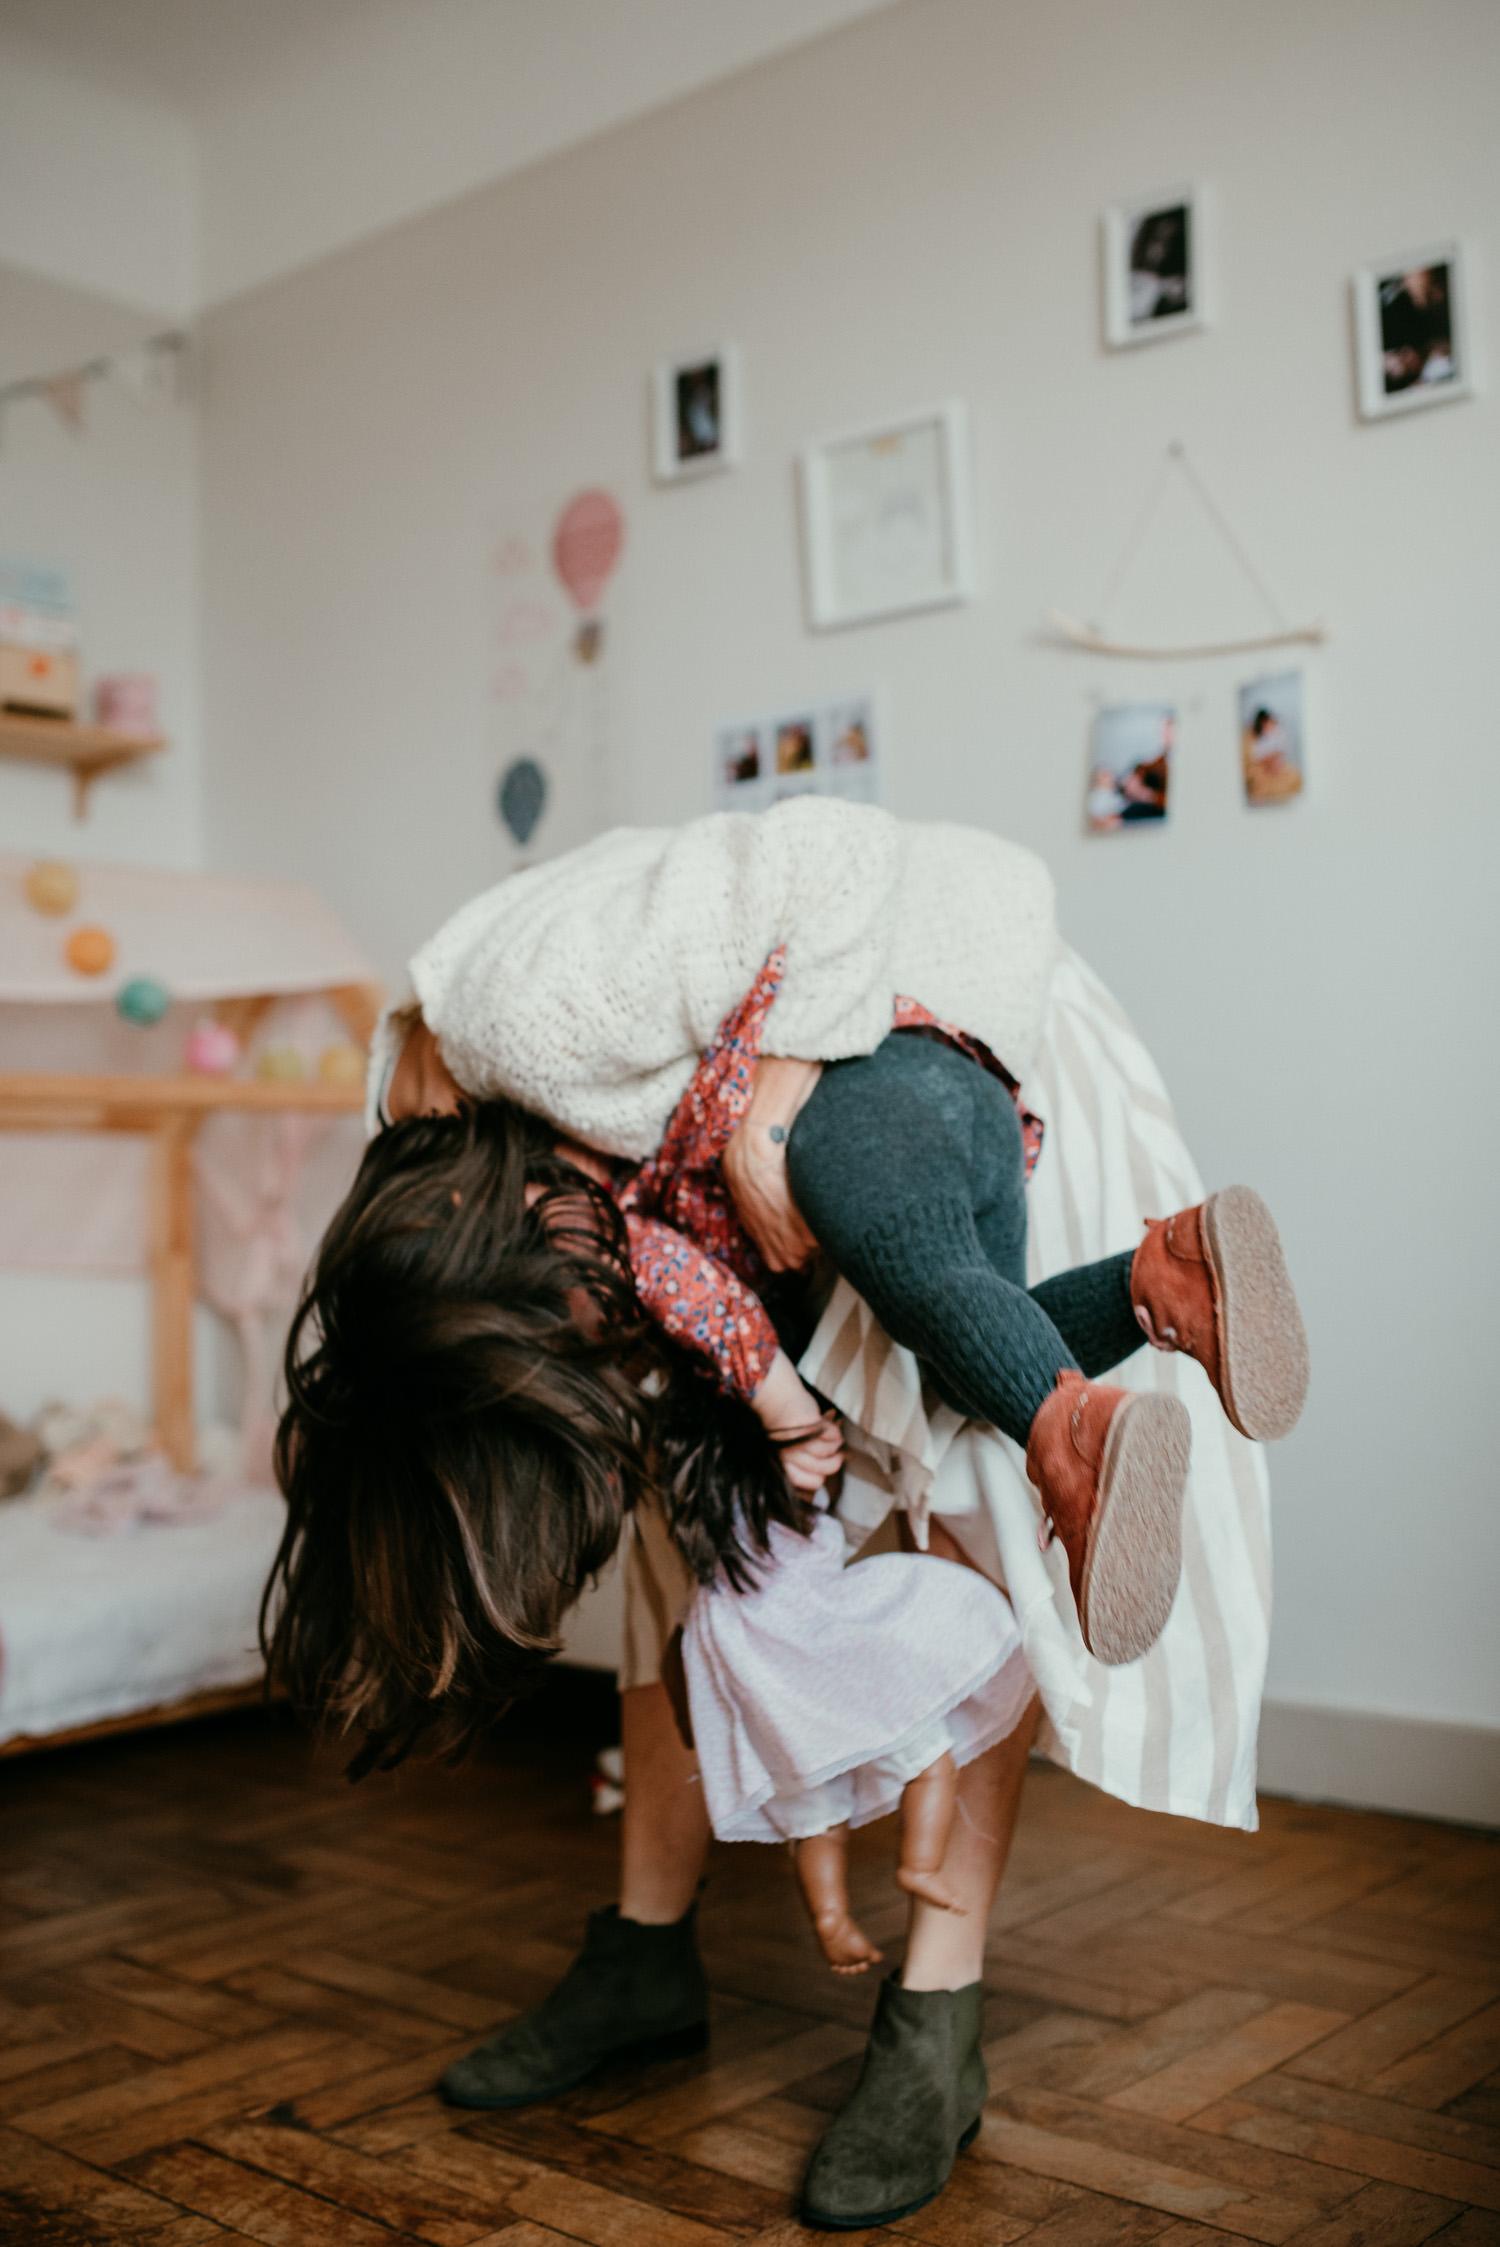 Une maman et sa fille joue et se chatouille.On voit les pieds de la petite fille qui est renversée par sa maman. Elles rient toutes les deux